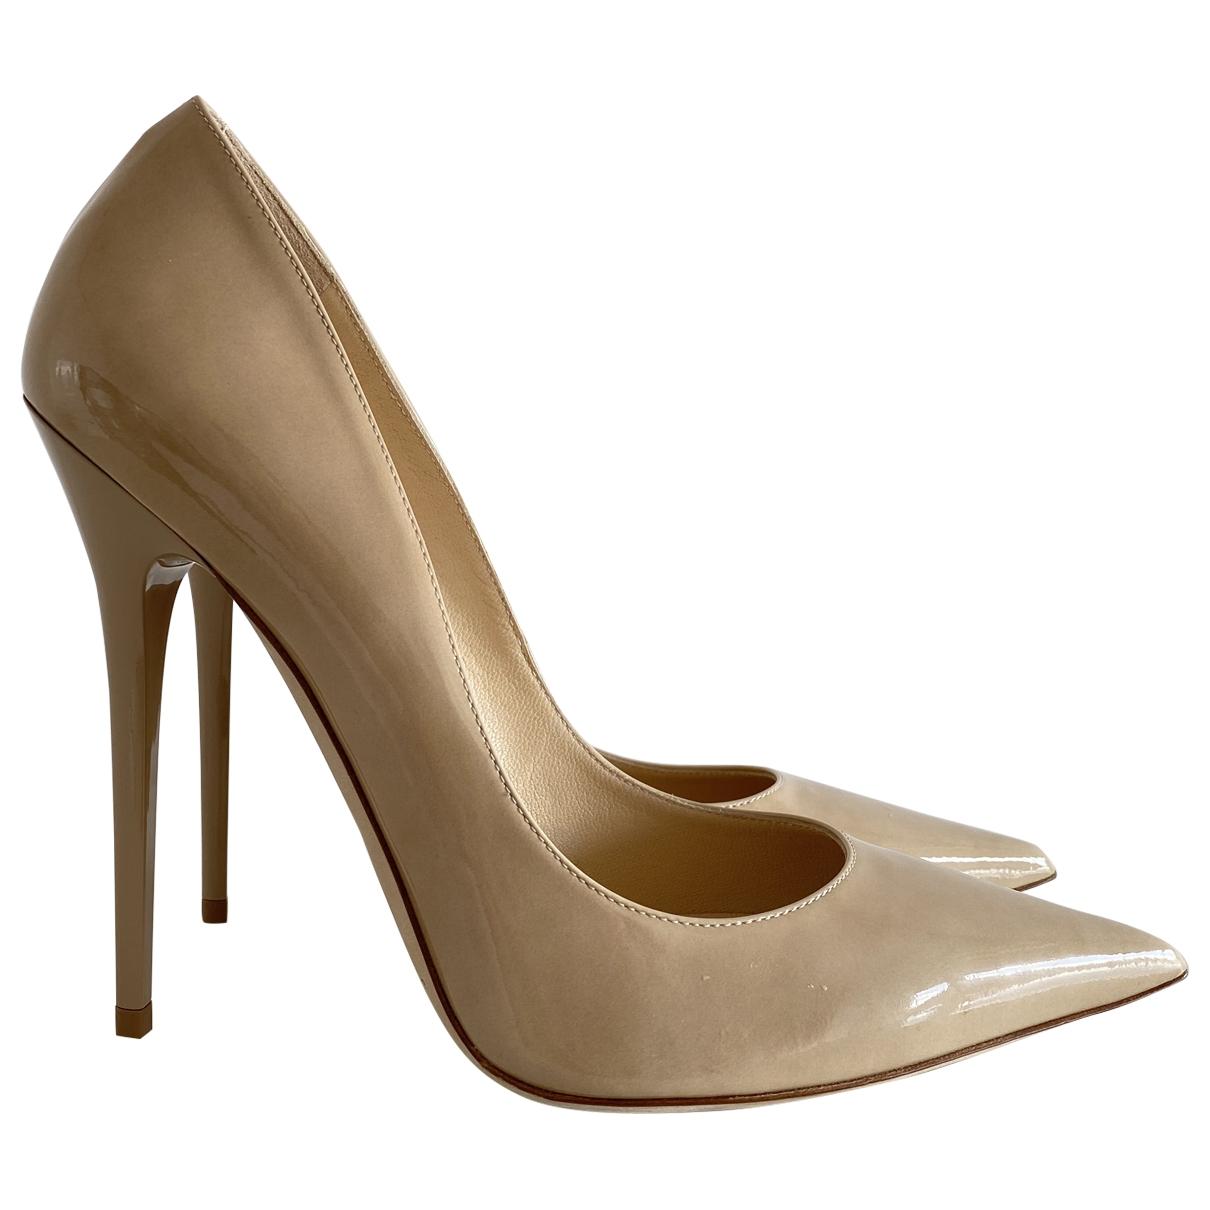 Jimmy Choo Anouk Beige Patent leather Heels for Women 40 EU